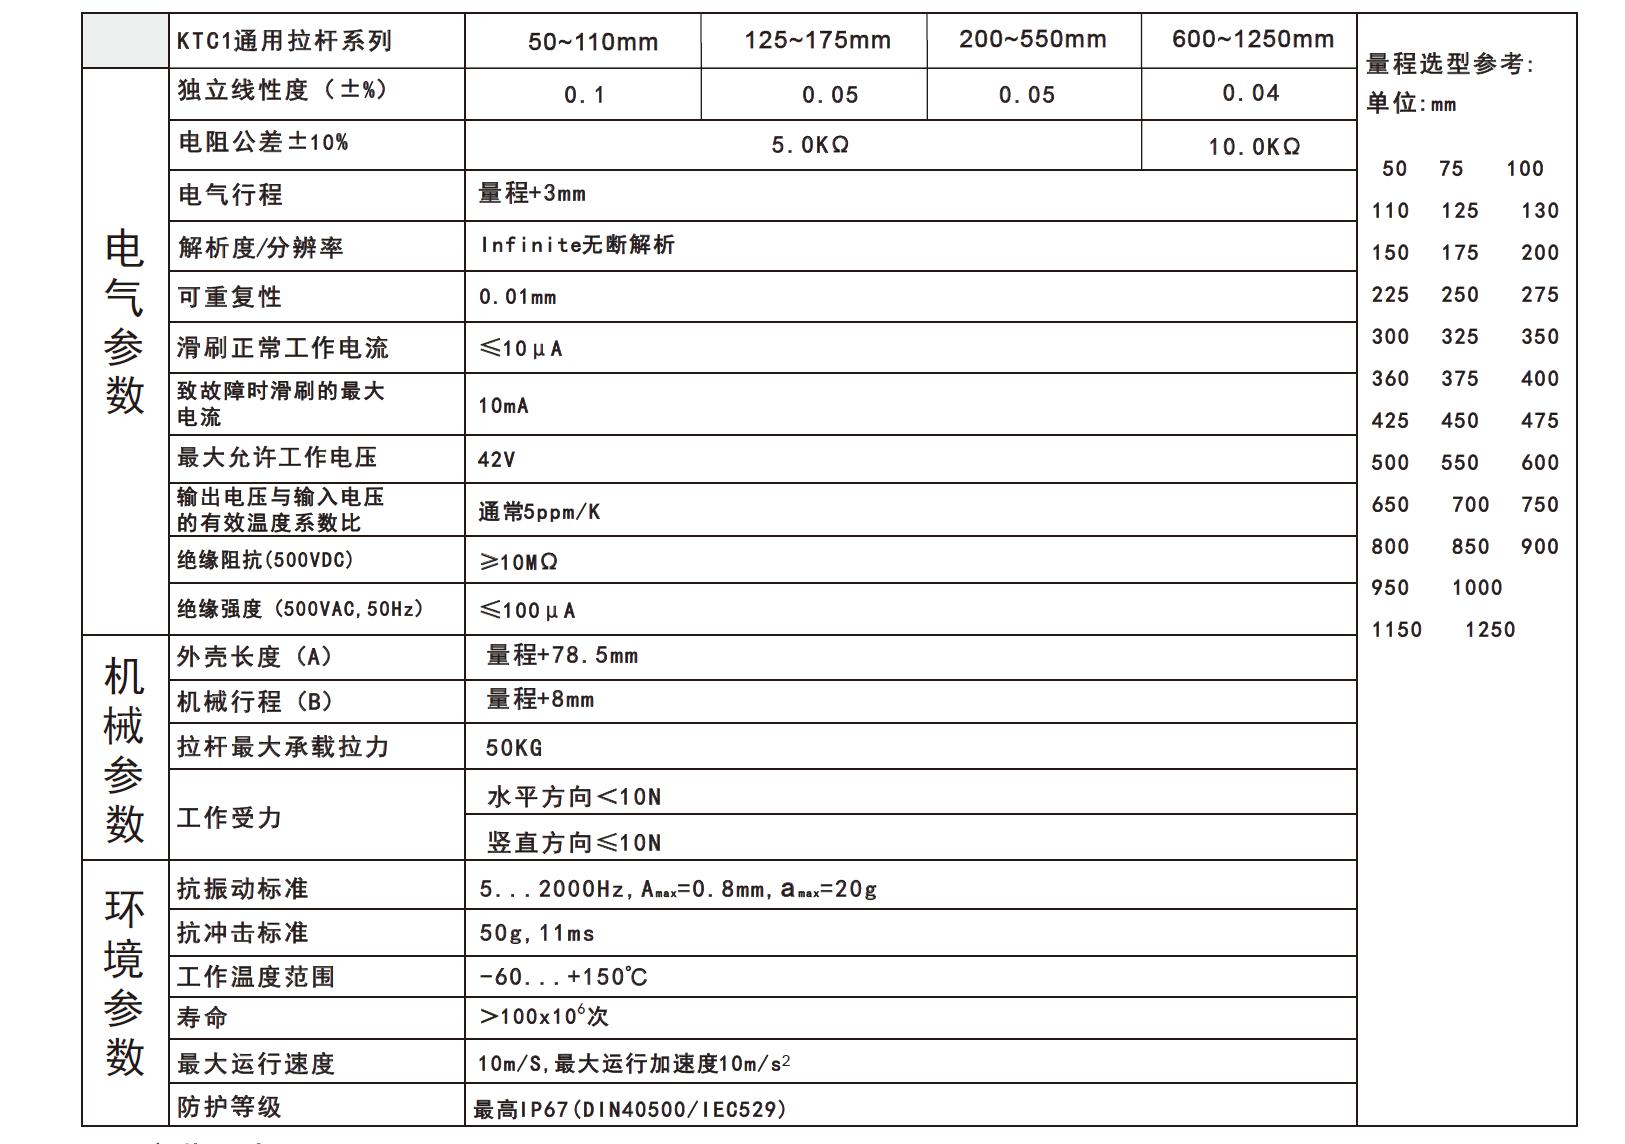 MIRAN米朗科技KTC1/LWH拉杆式直线位移传感器技术参数